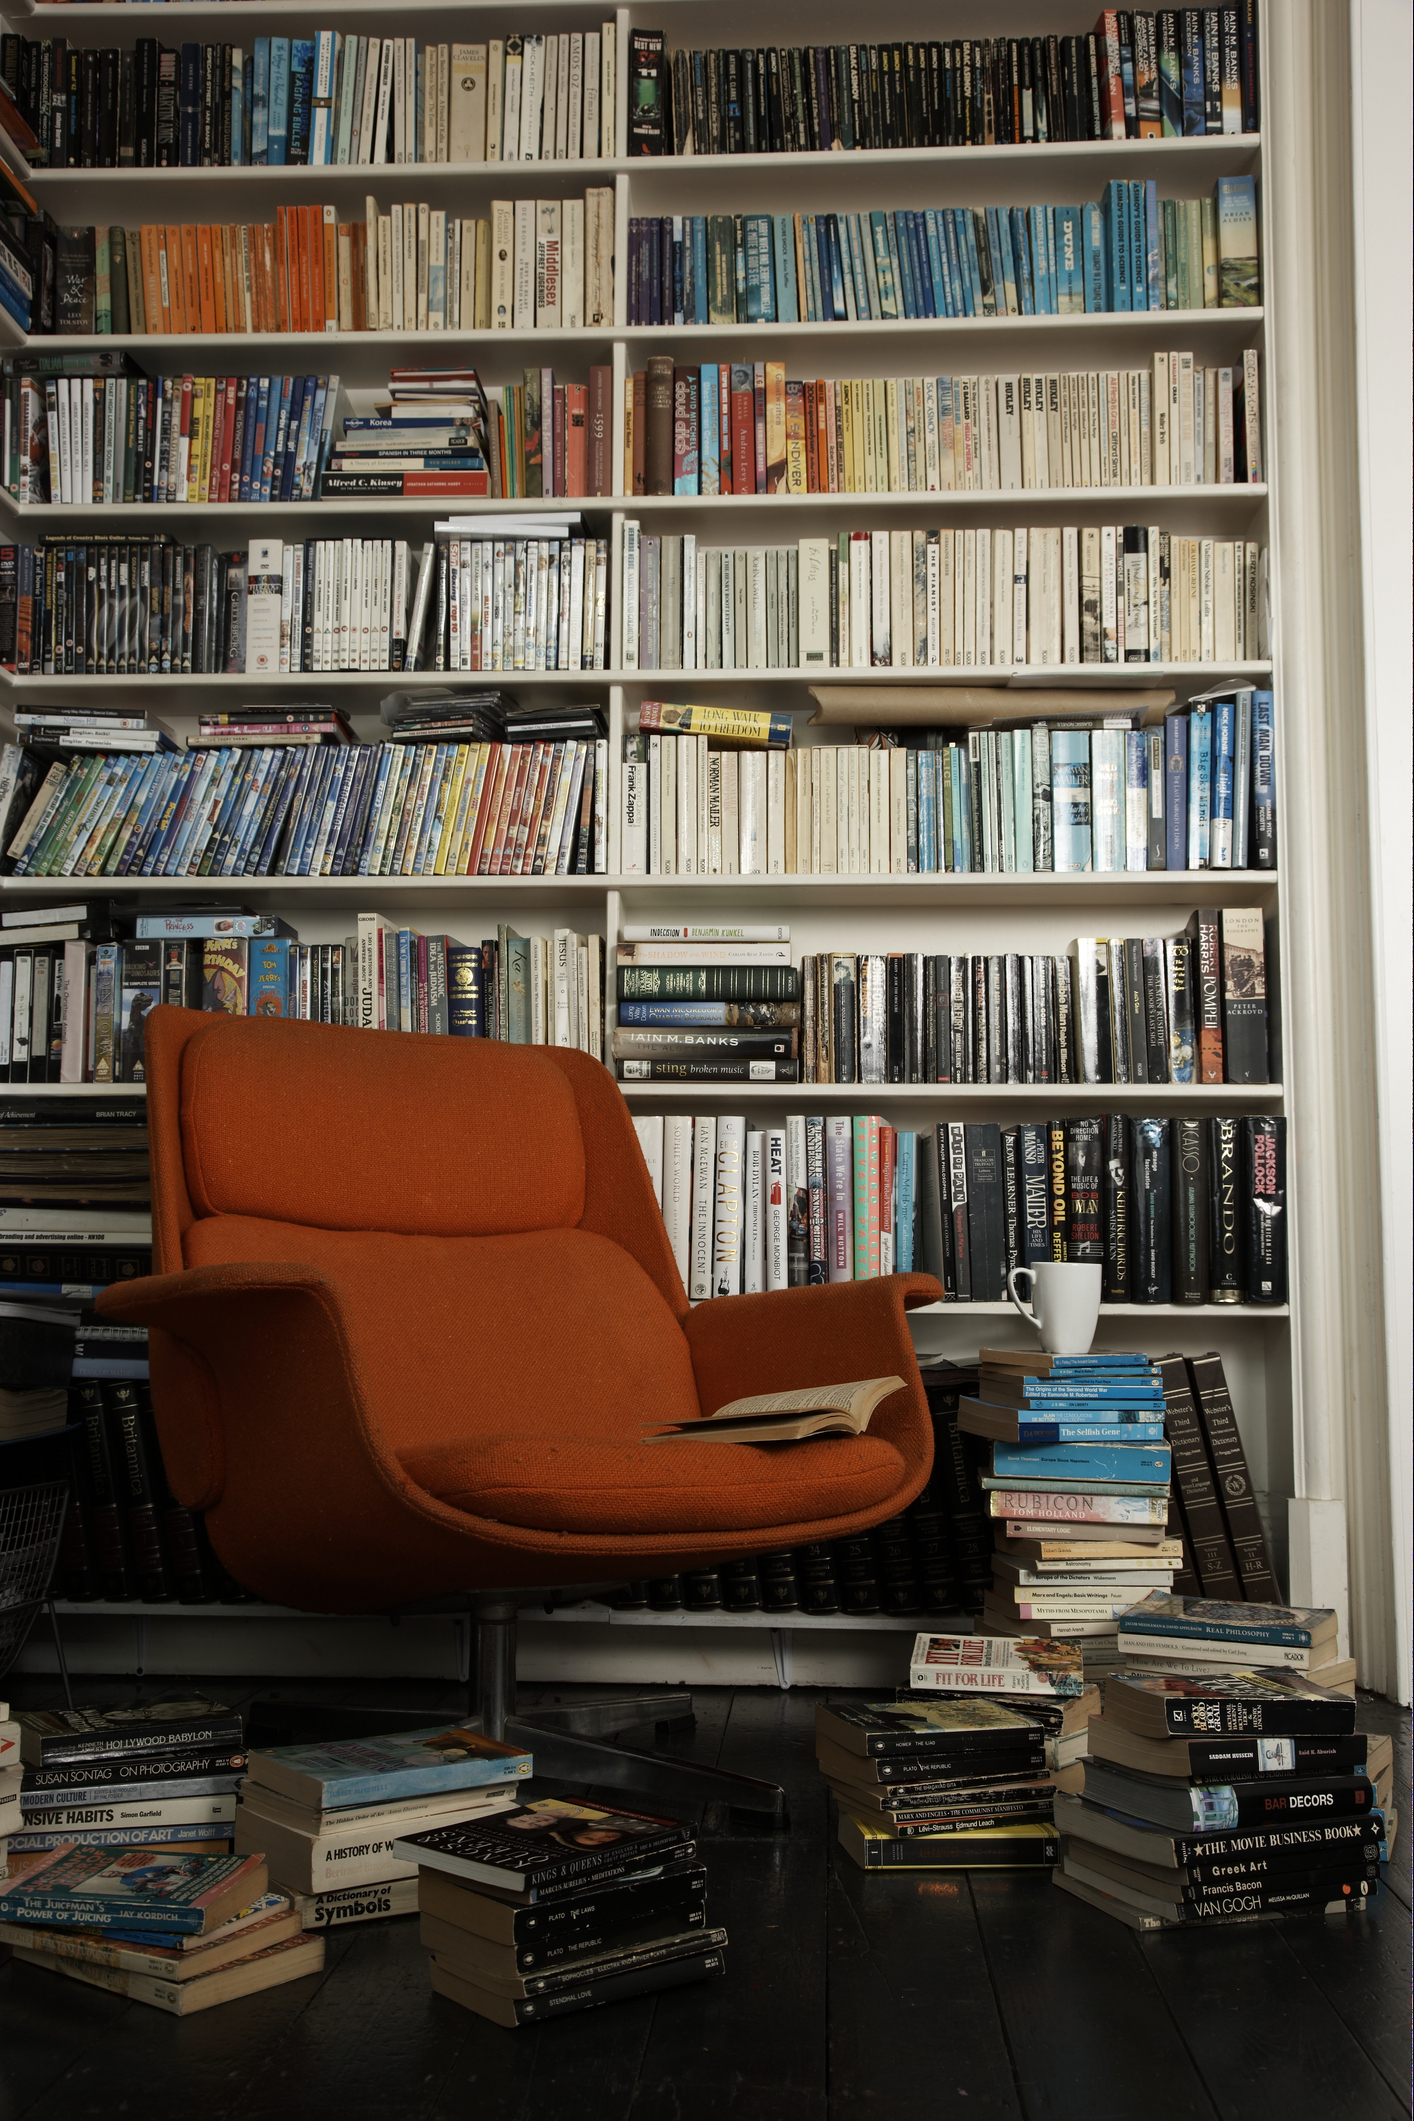 Ако имате повече книги в дома, вероятно знаете, че те събират много прах. Отделете необходимото време, за да ги почистите. Освободете се от онези, които не са ви ценни или не са ви харесали. Няма нужда да ги трупате.